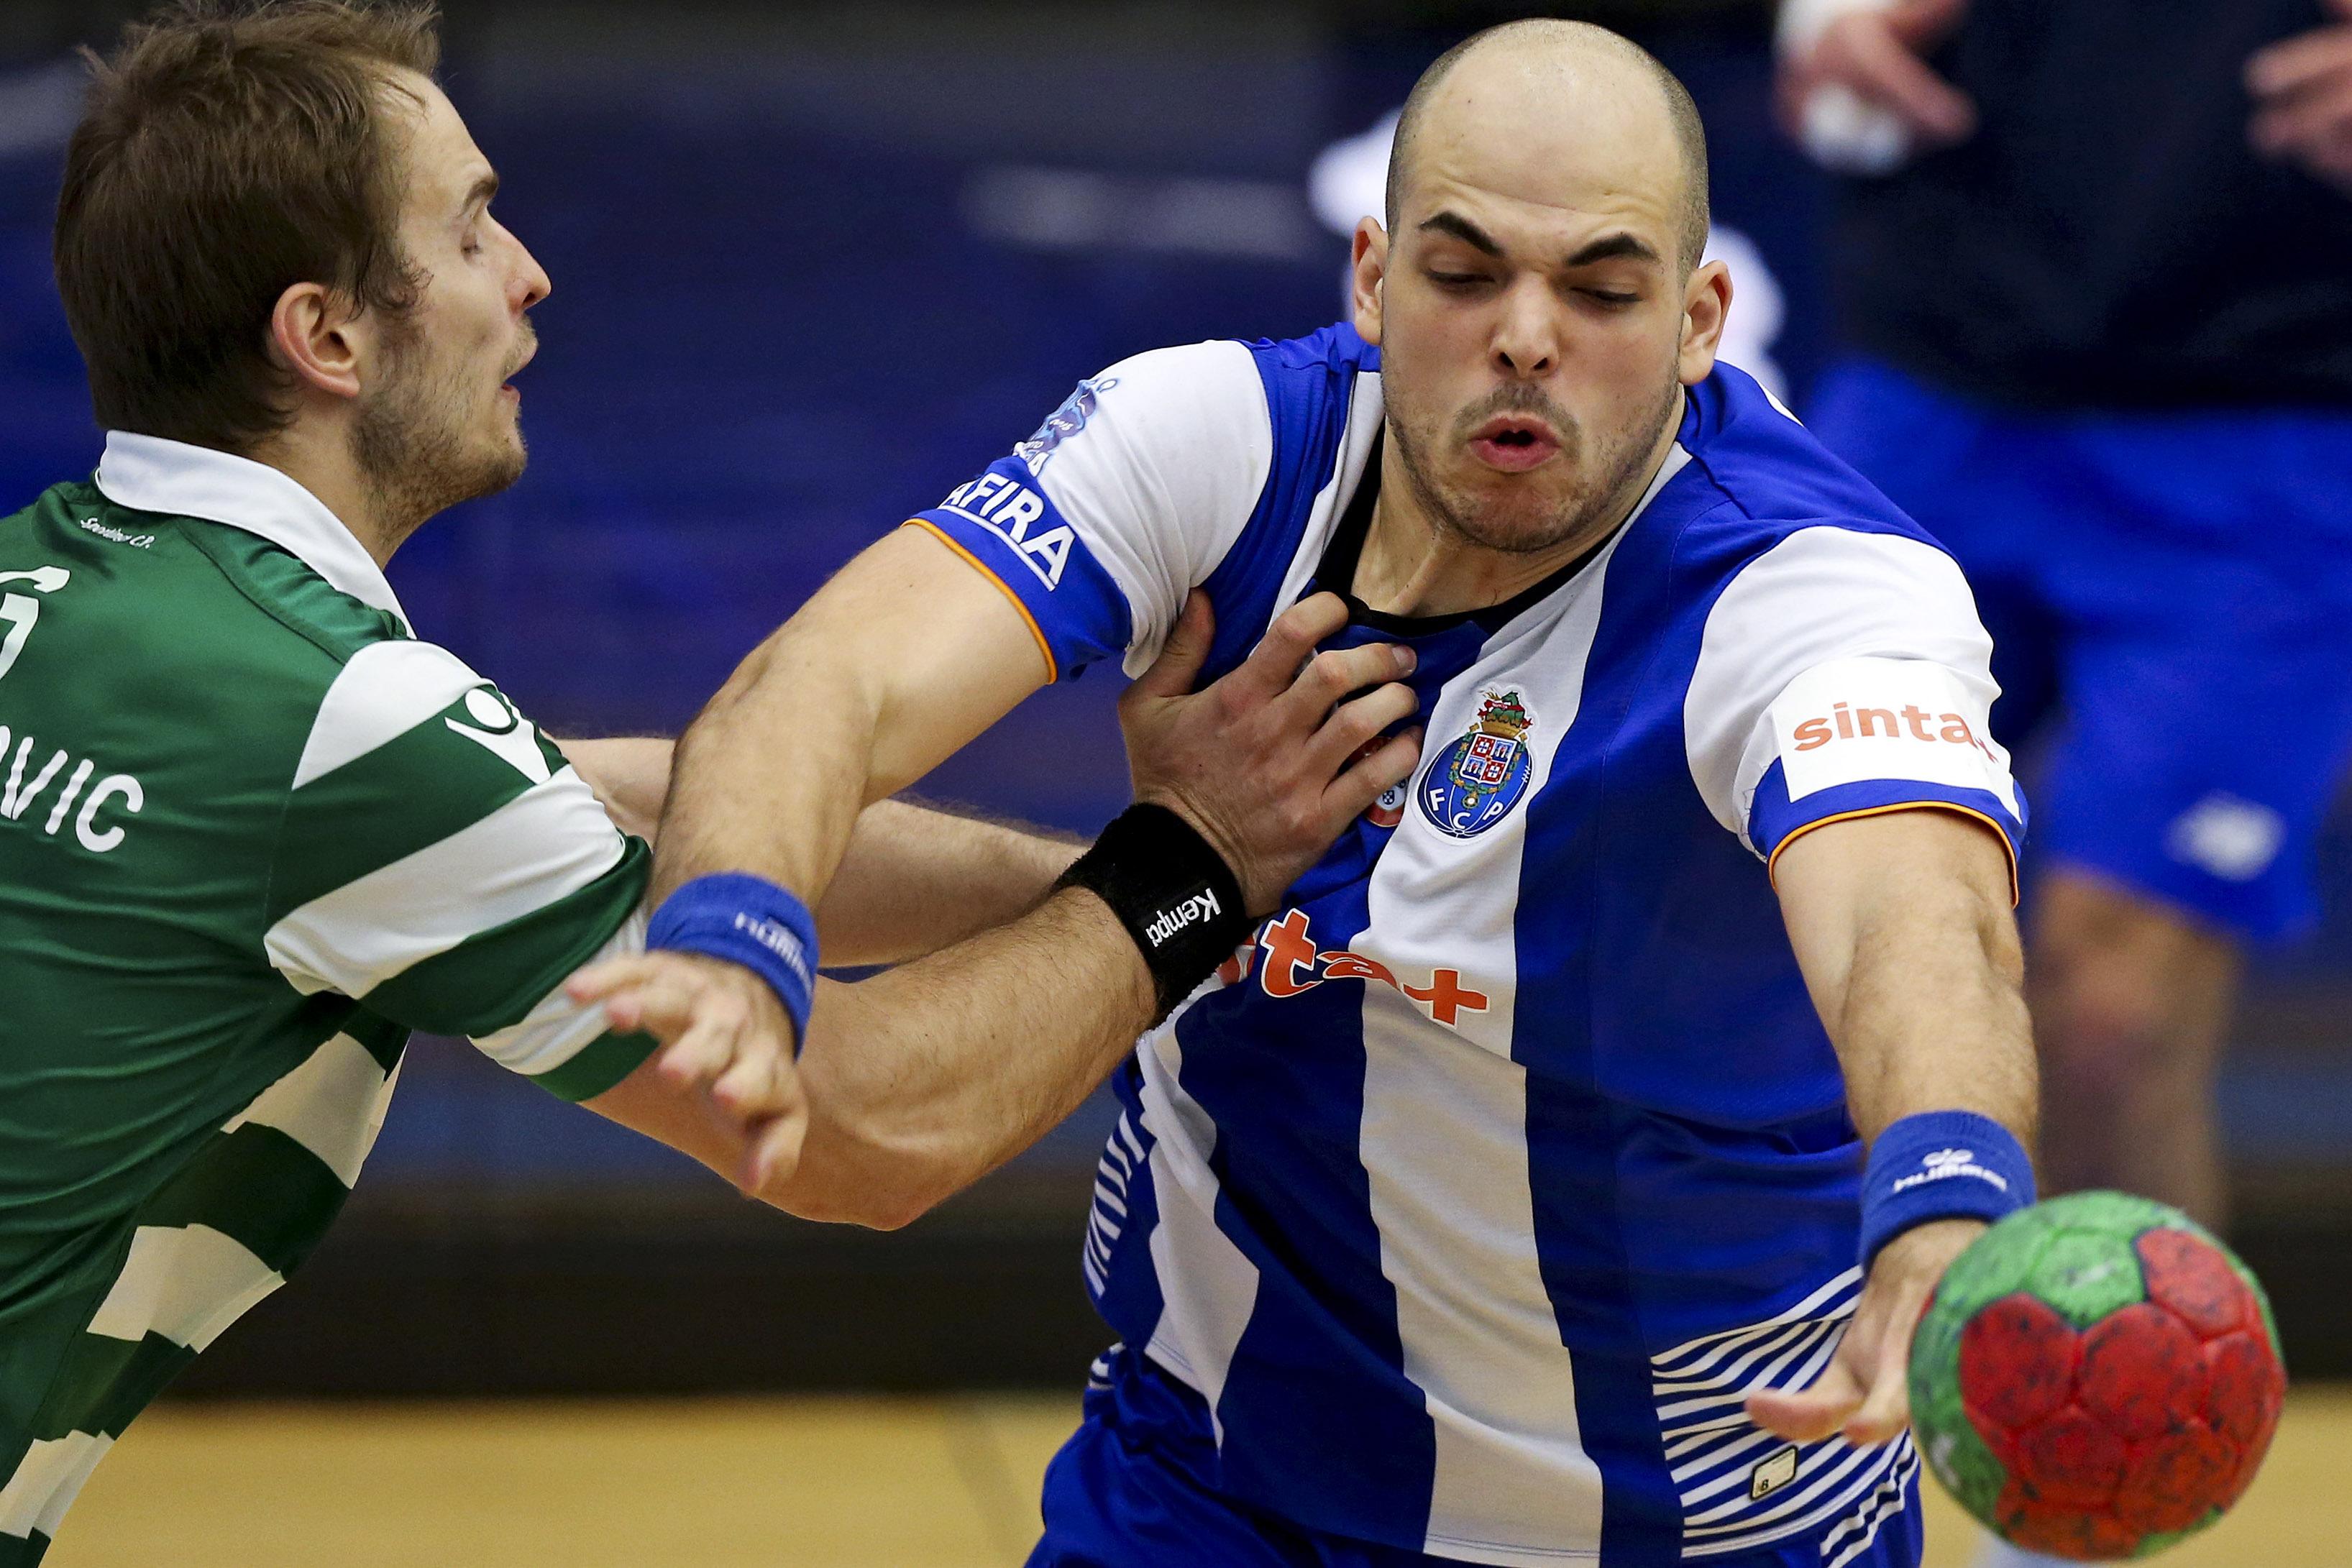 Bosko Bjelanovic renova com a equipa de andebol do Sporting